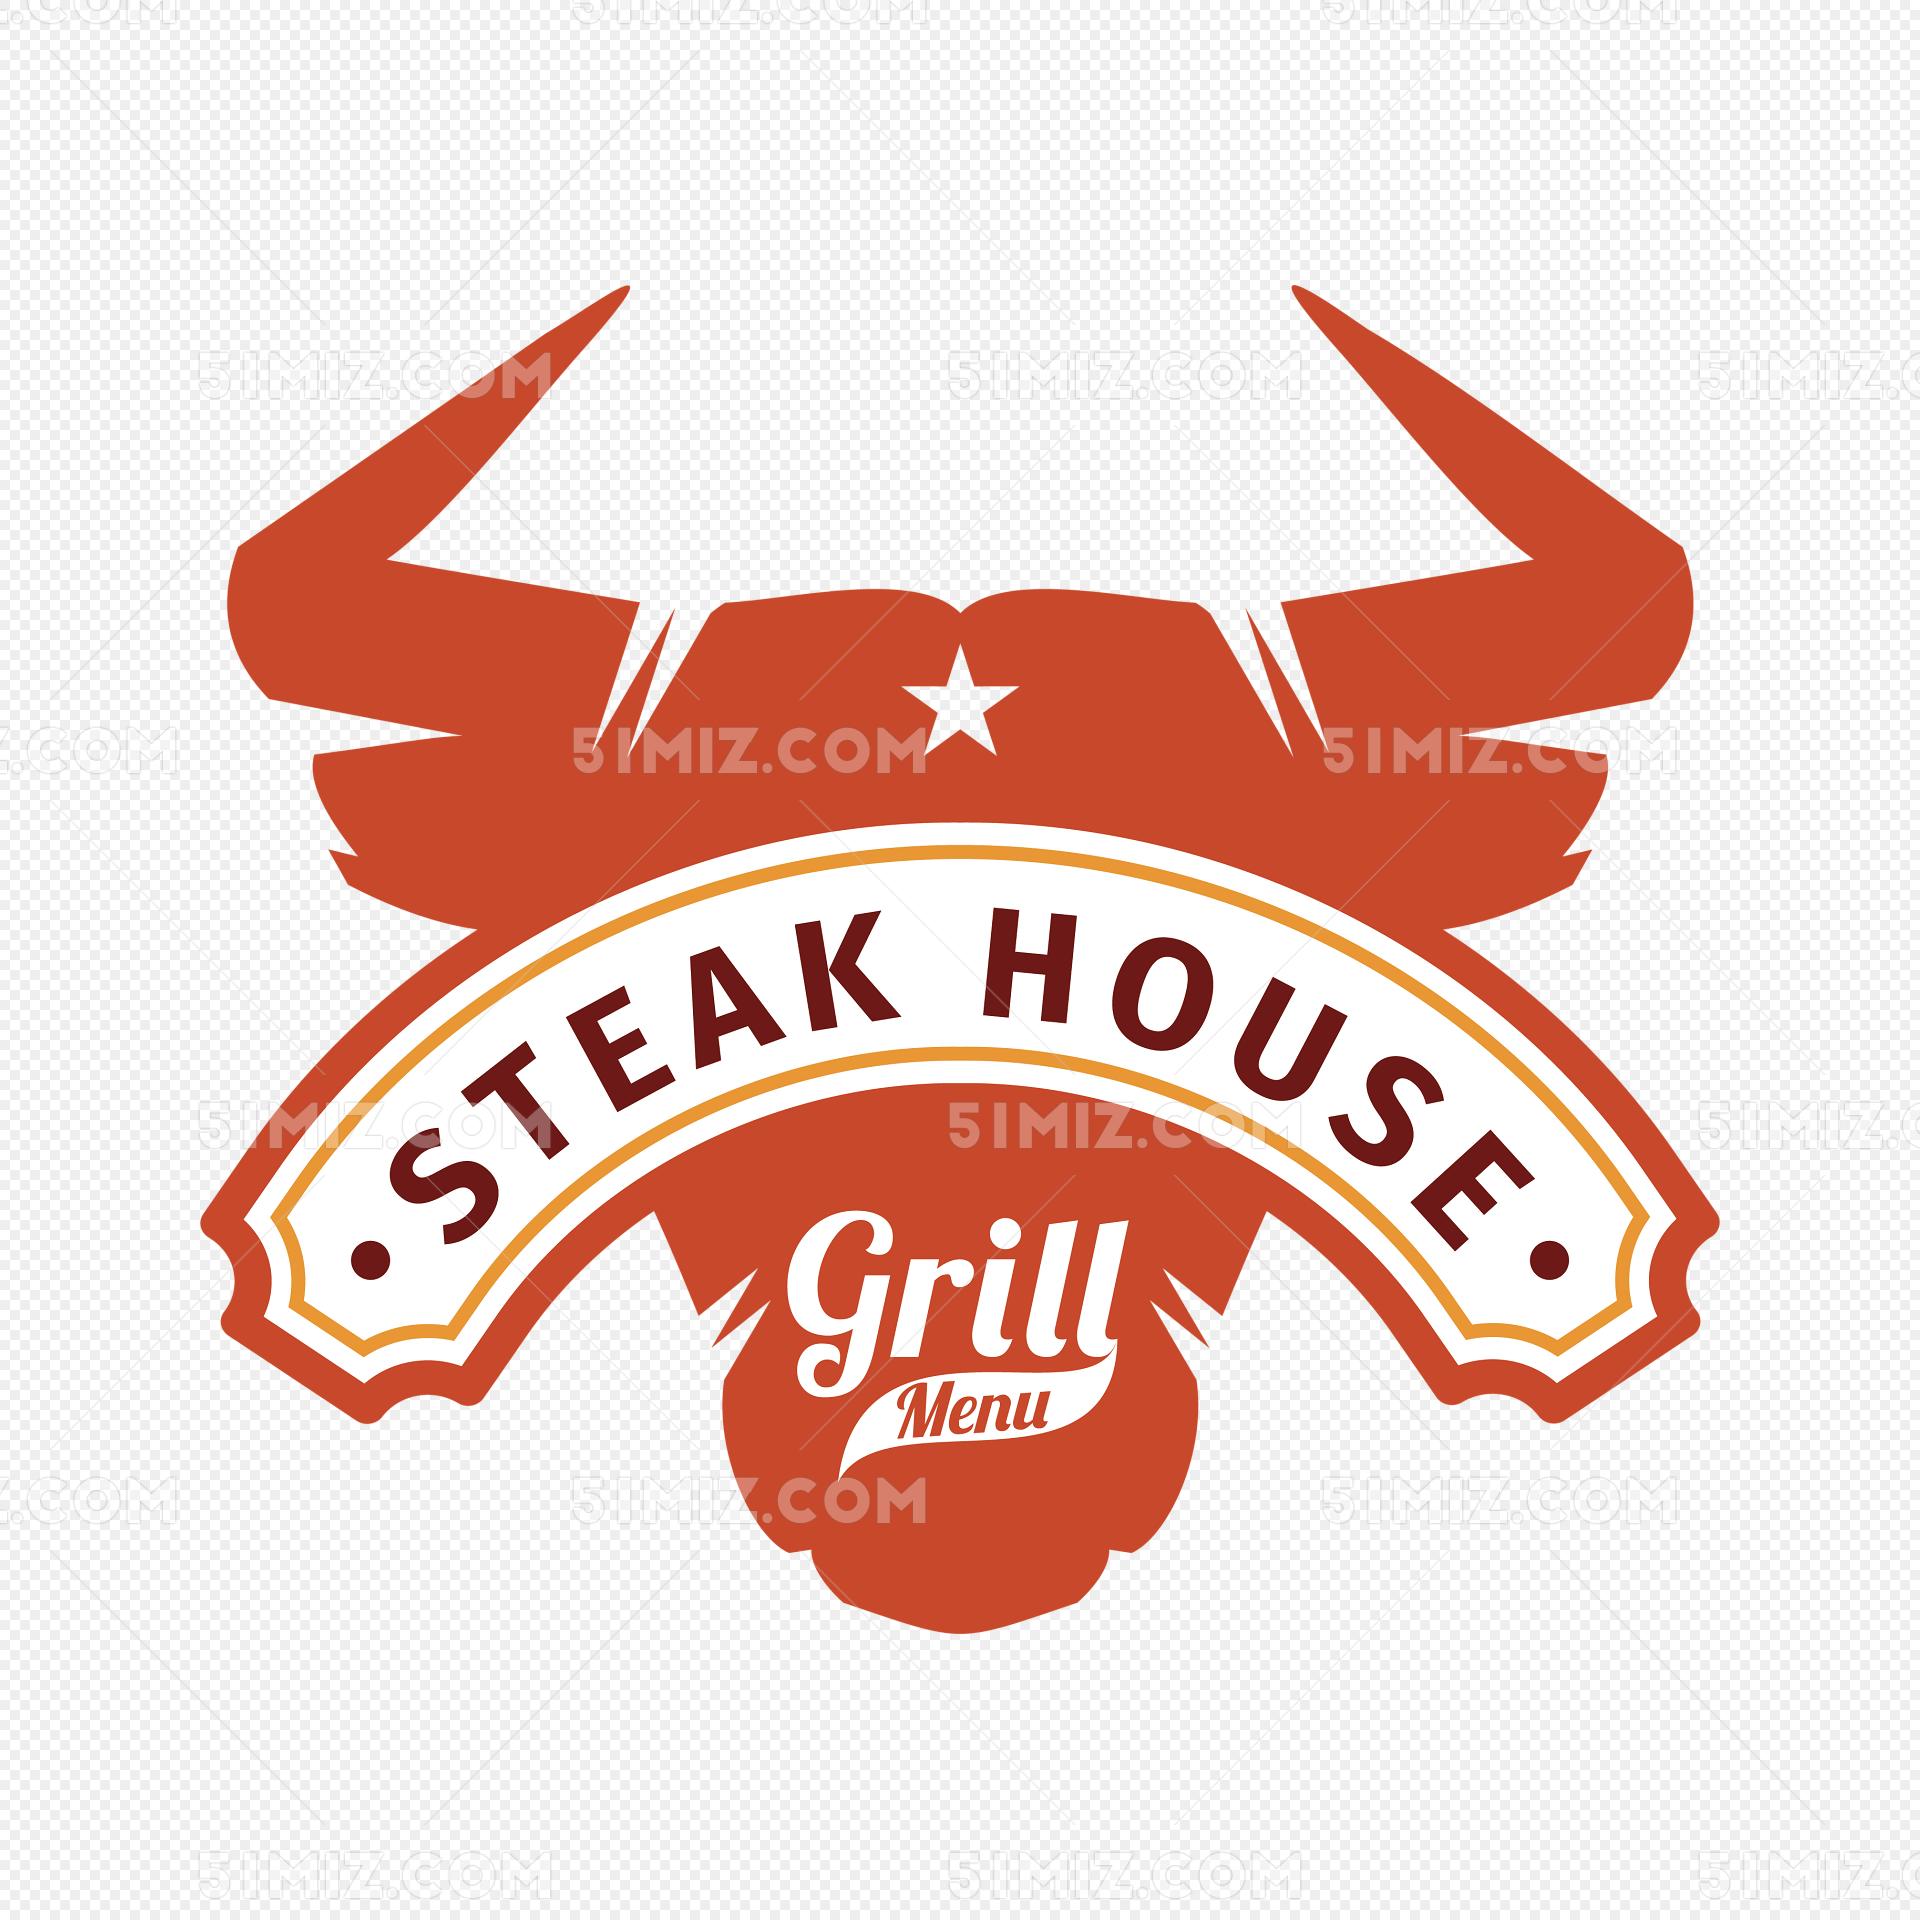 牛头logo图案